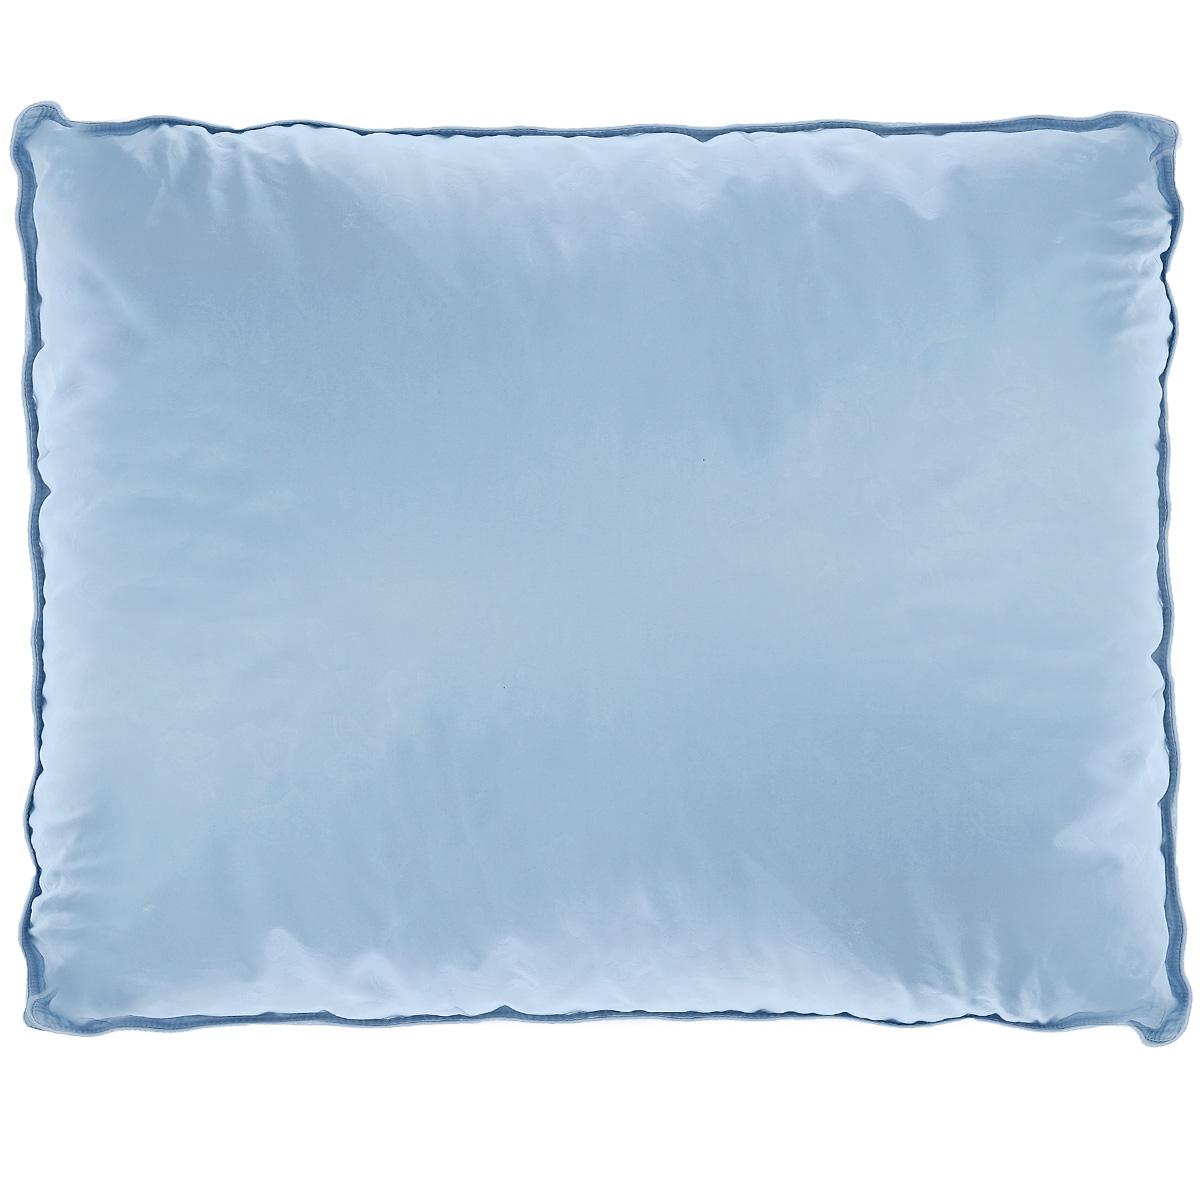 Подушка La Prima В нежности микрофибры, наполнитель: искусственный лебяжий пух, цвет: голубой, 70 х 70 смCLP446Подушка La Prima В нежности микрофибры очень легкая, воздушная и одновременно теплая. Идеально подойдет тем, кто ценит мягкость и тепло. Такое изделие подарит комфортный сон. Чехол подушки выполнен из шелковистой микрофибры (двойной), оформленной изящным фактурным теснением в виде бабочек. Наполнитель - аналог натурального лебяжьего пуха. Подушка обладает высокой воздухопроницаемостью, прекрасно сохраняет тепло. Она гипоаллергенна и практична в уходе. Ручная стирка при температуре 30°С. Материал чехла: 100% полиэстер - микрофибра.Наполнитель: полиэфирное волокно/искусственный аналог лебяжьего пуха.